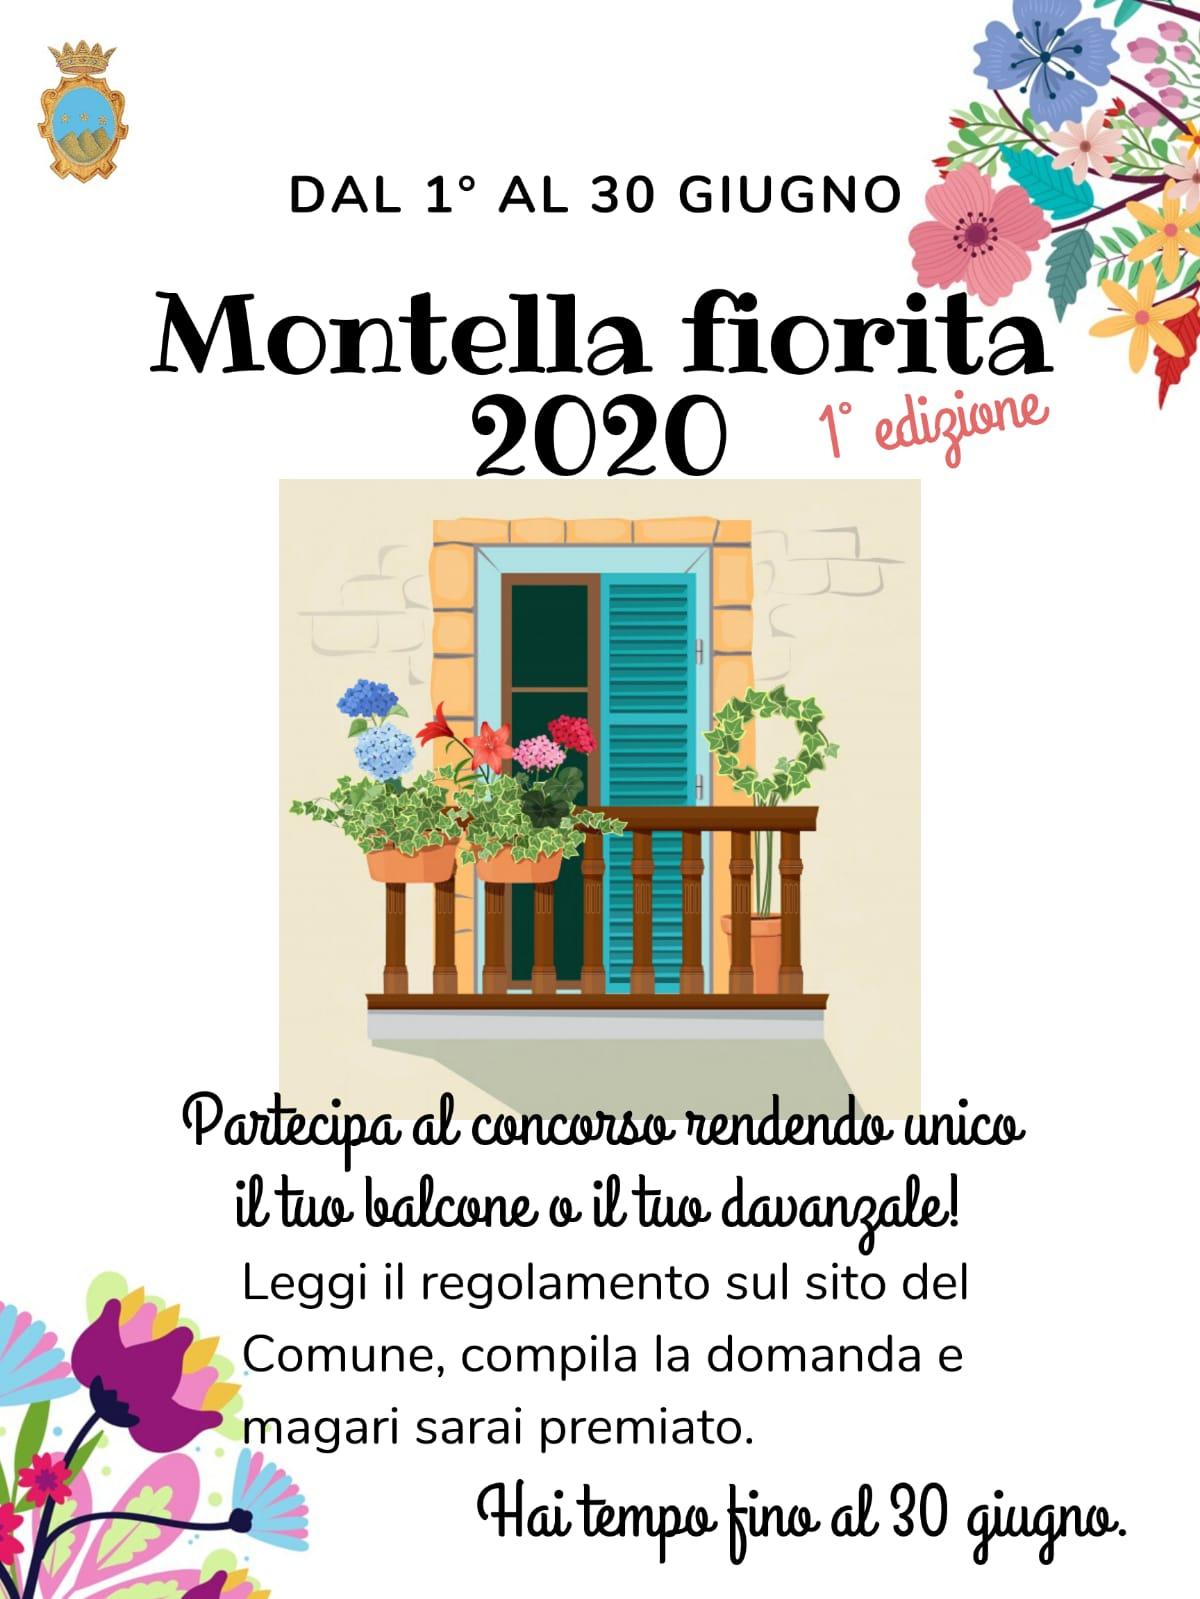 Montella fiorita 2020